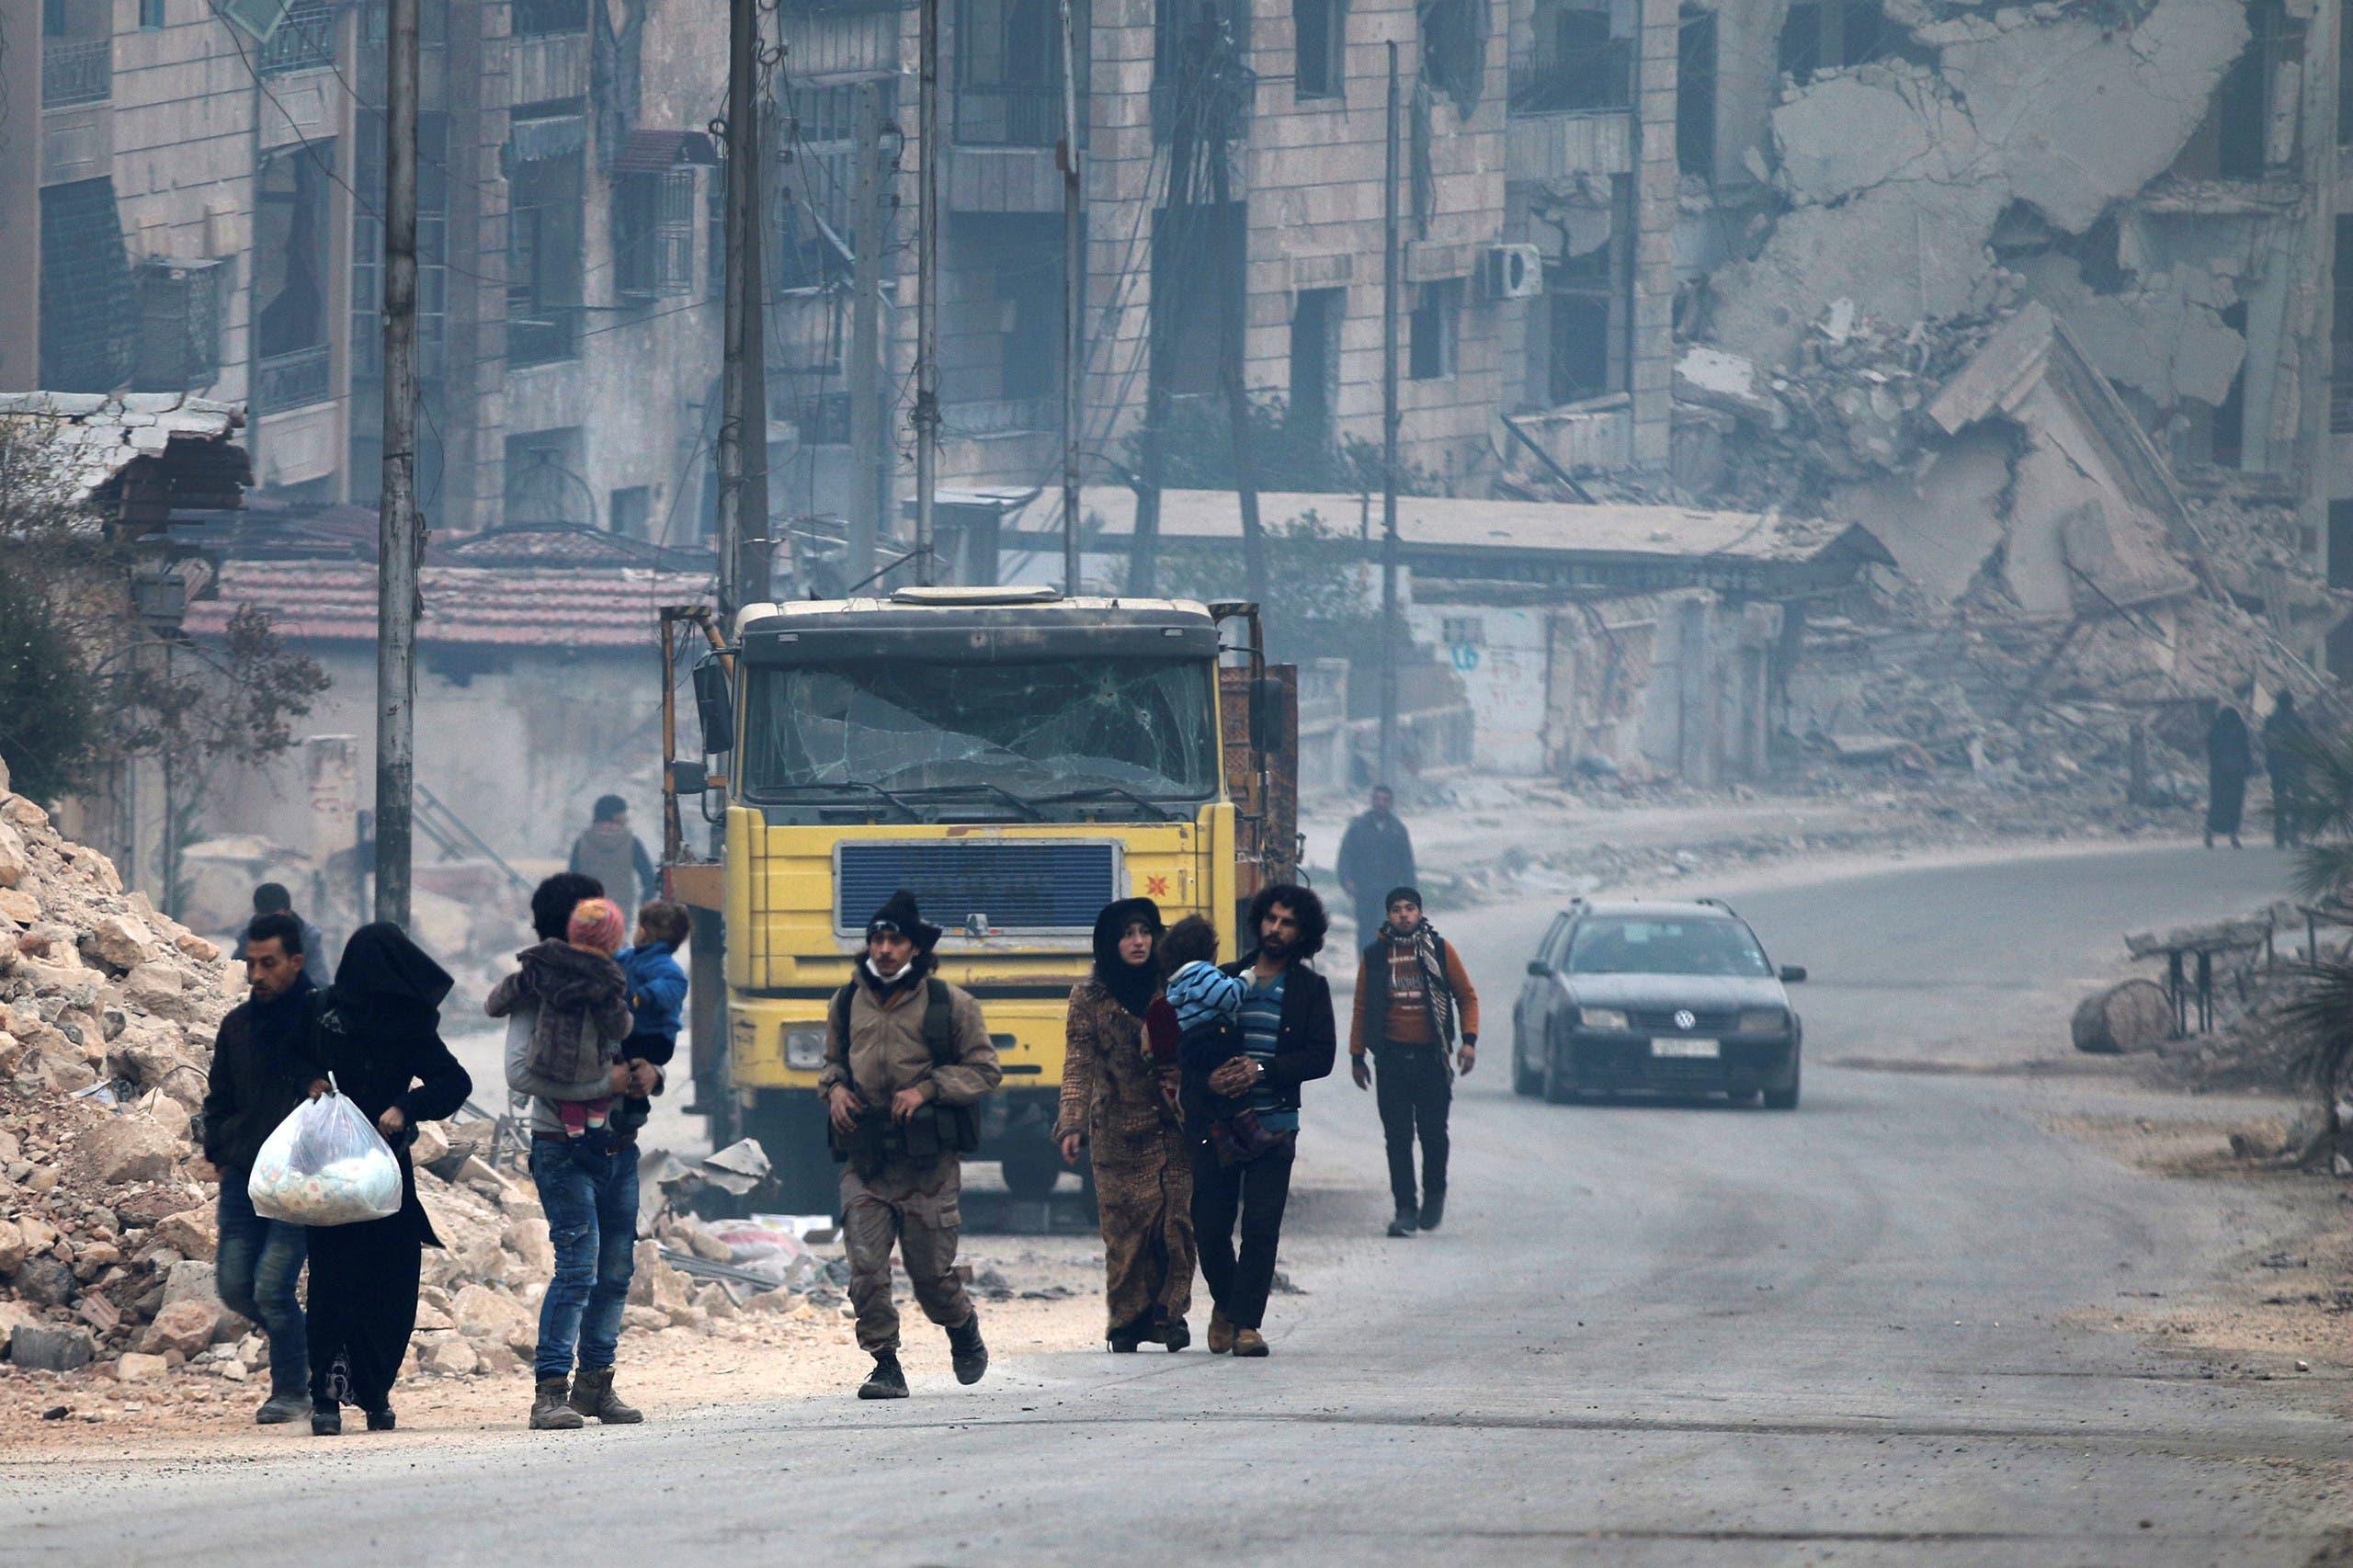 مدنيون يهربون من القصف ويدخلون في عمق مناطق سيطرة المعارضة في حلب الشرقية